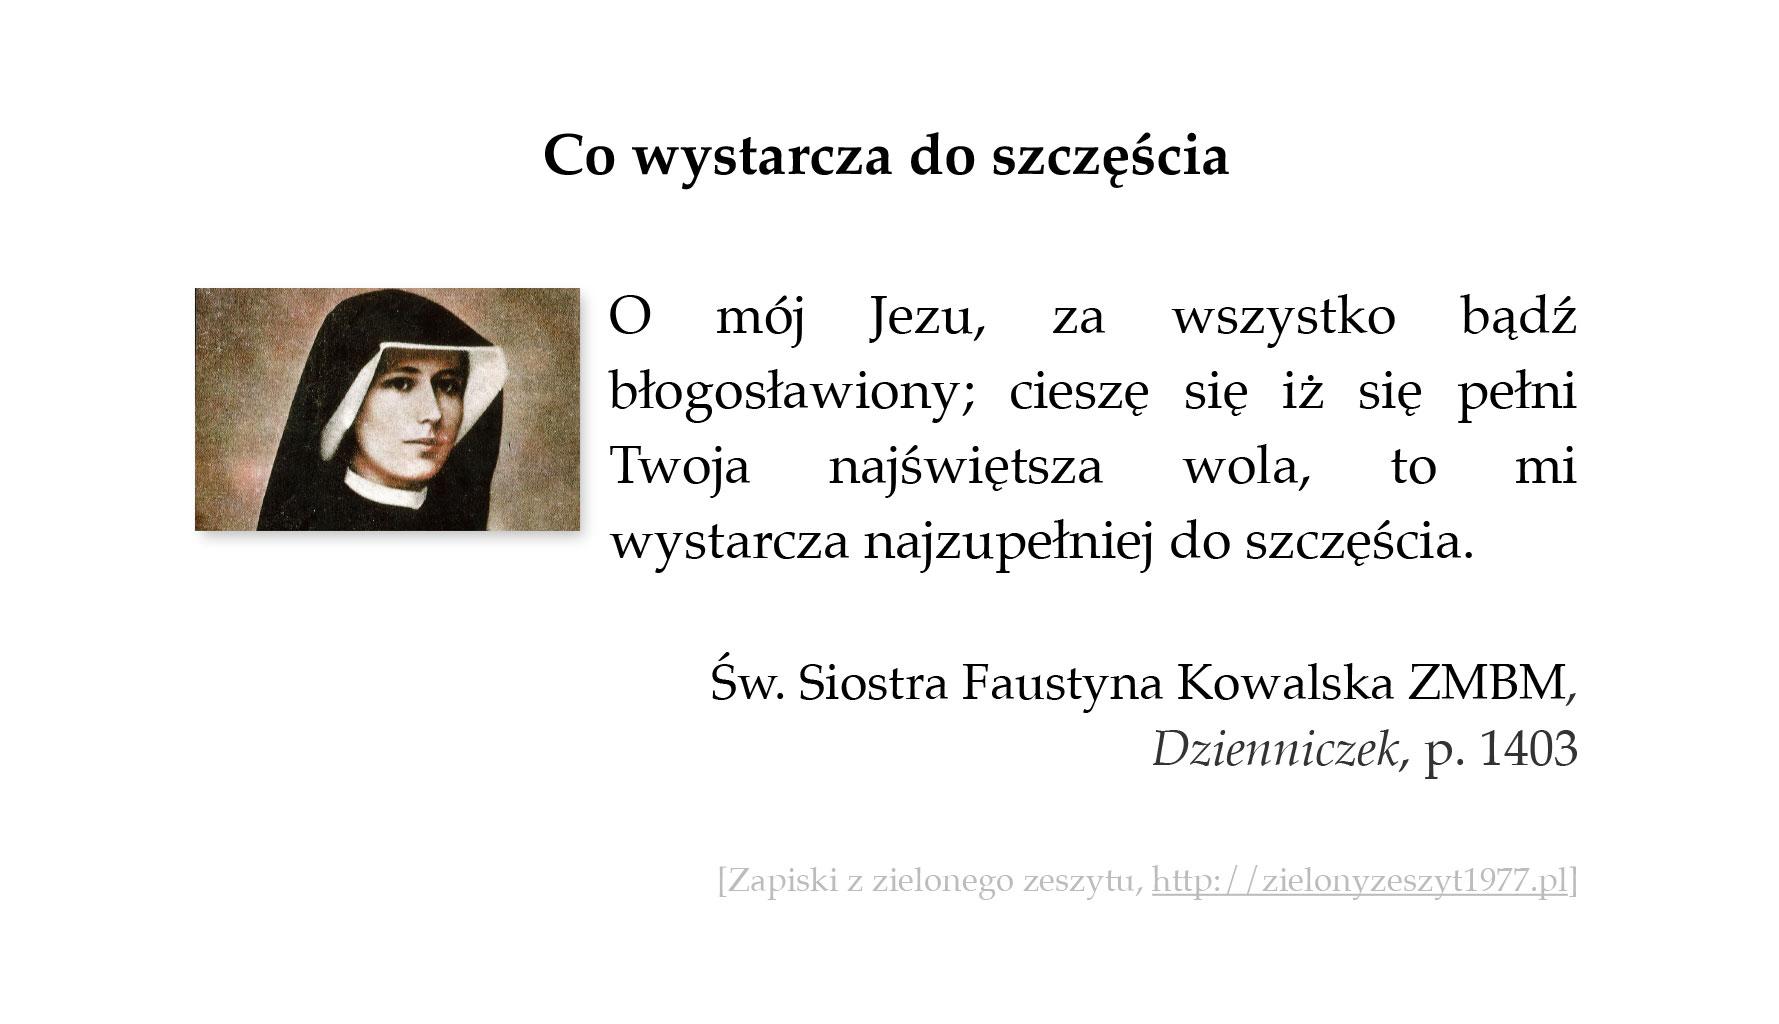 Co wystarcza do szczęścia; św. Faustyna Kowalska